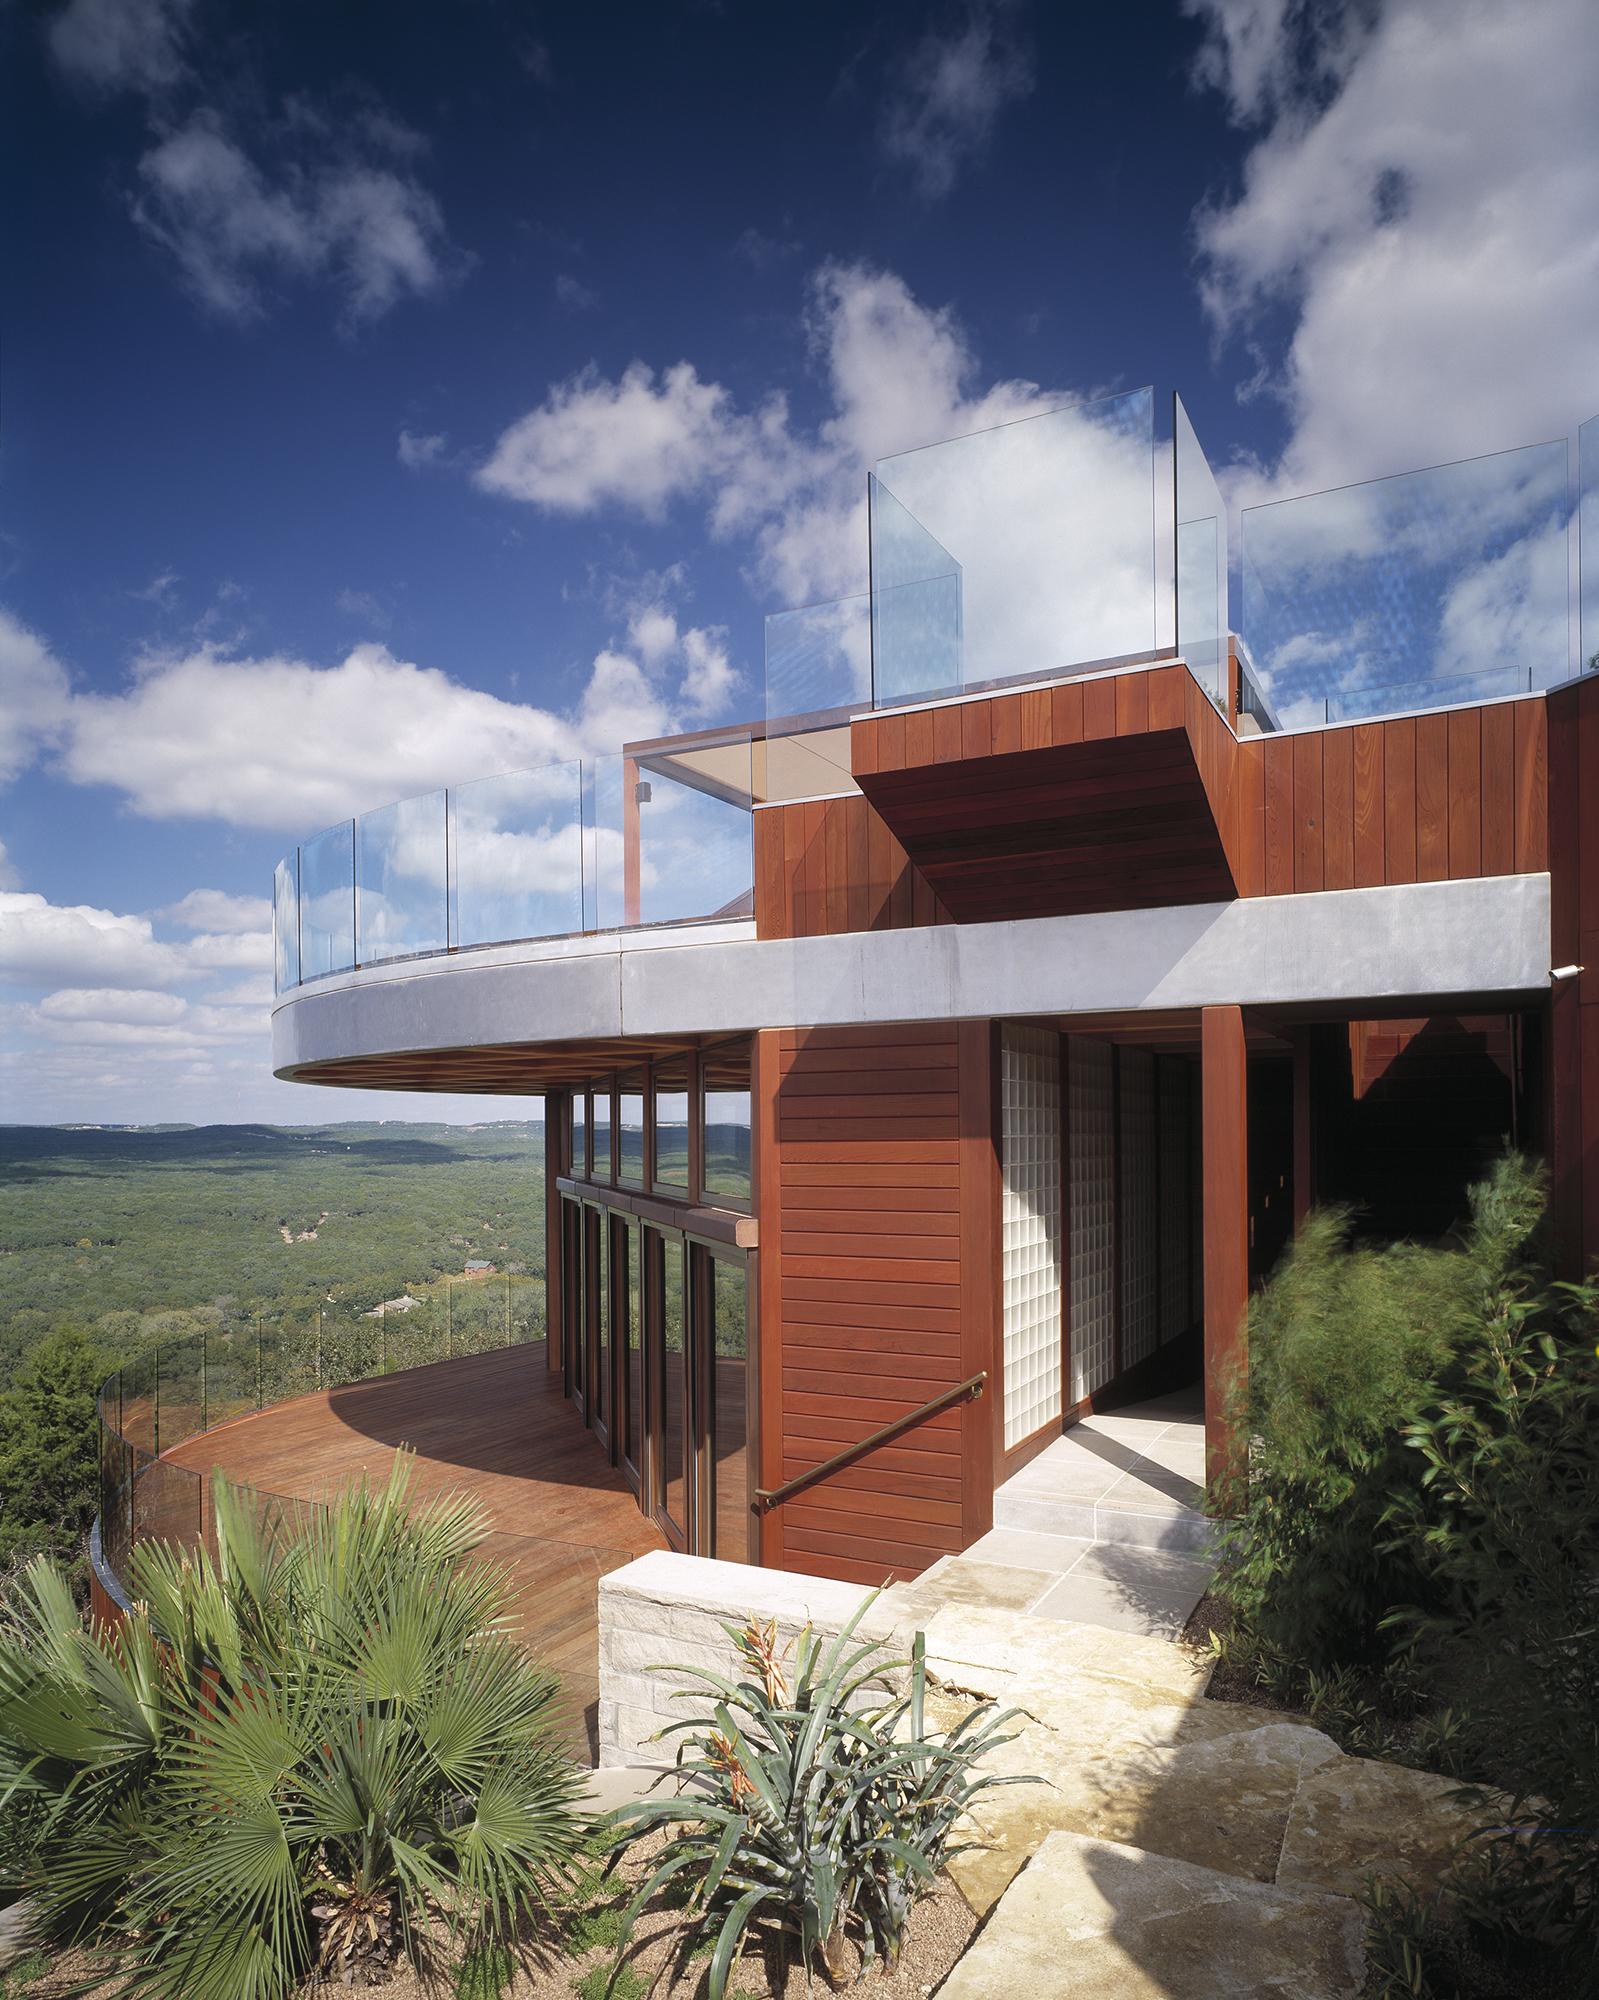 04_Deck House.jpg